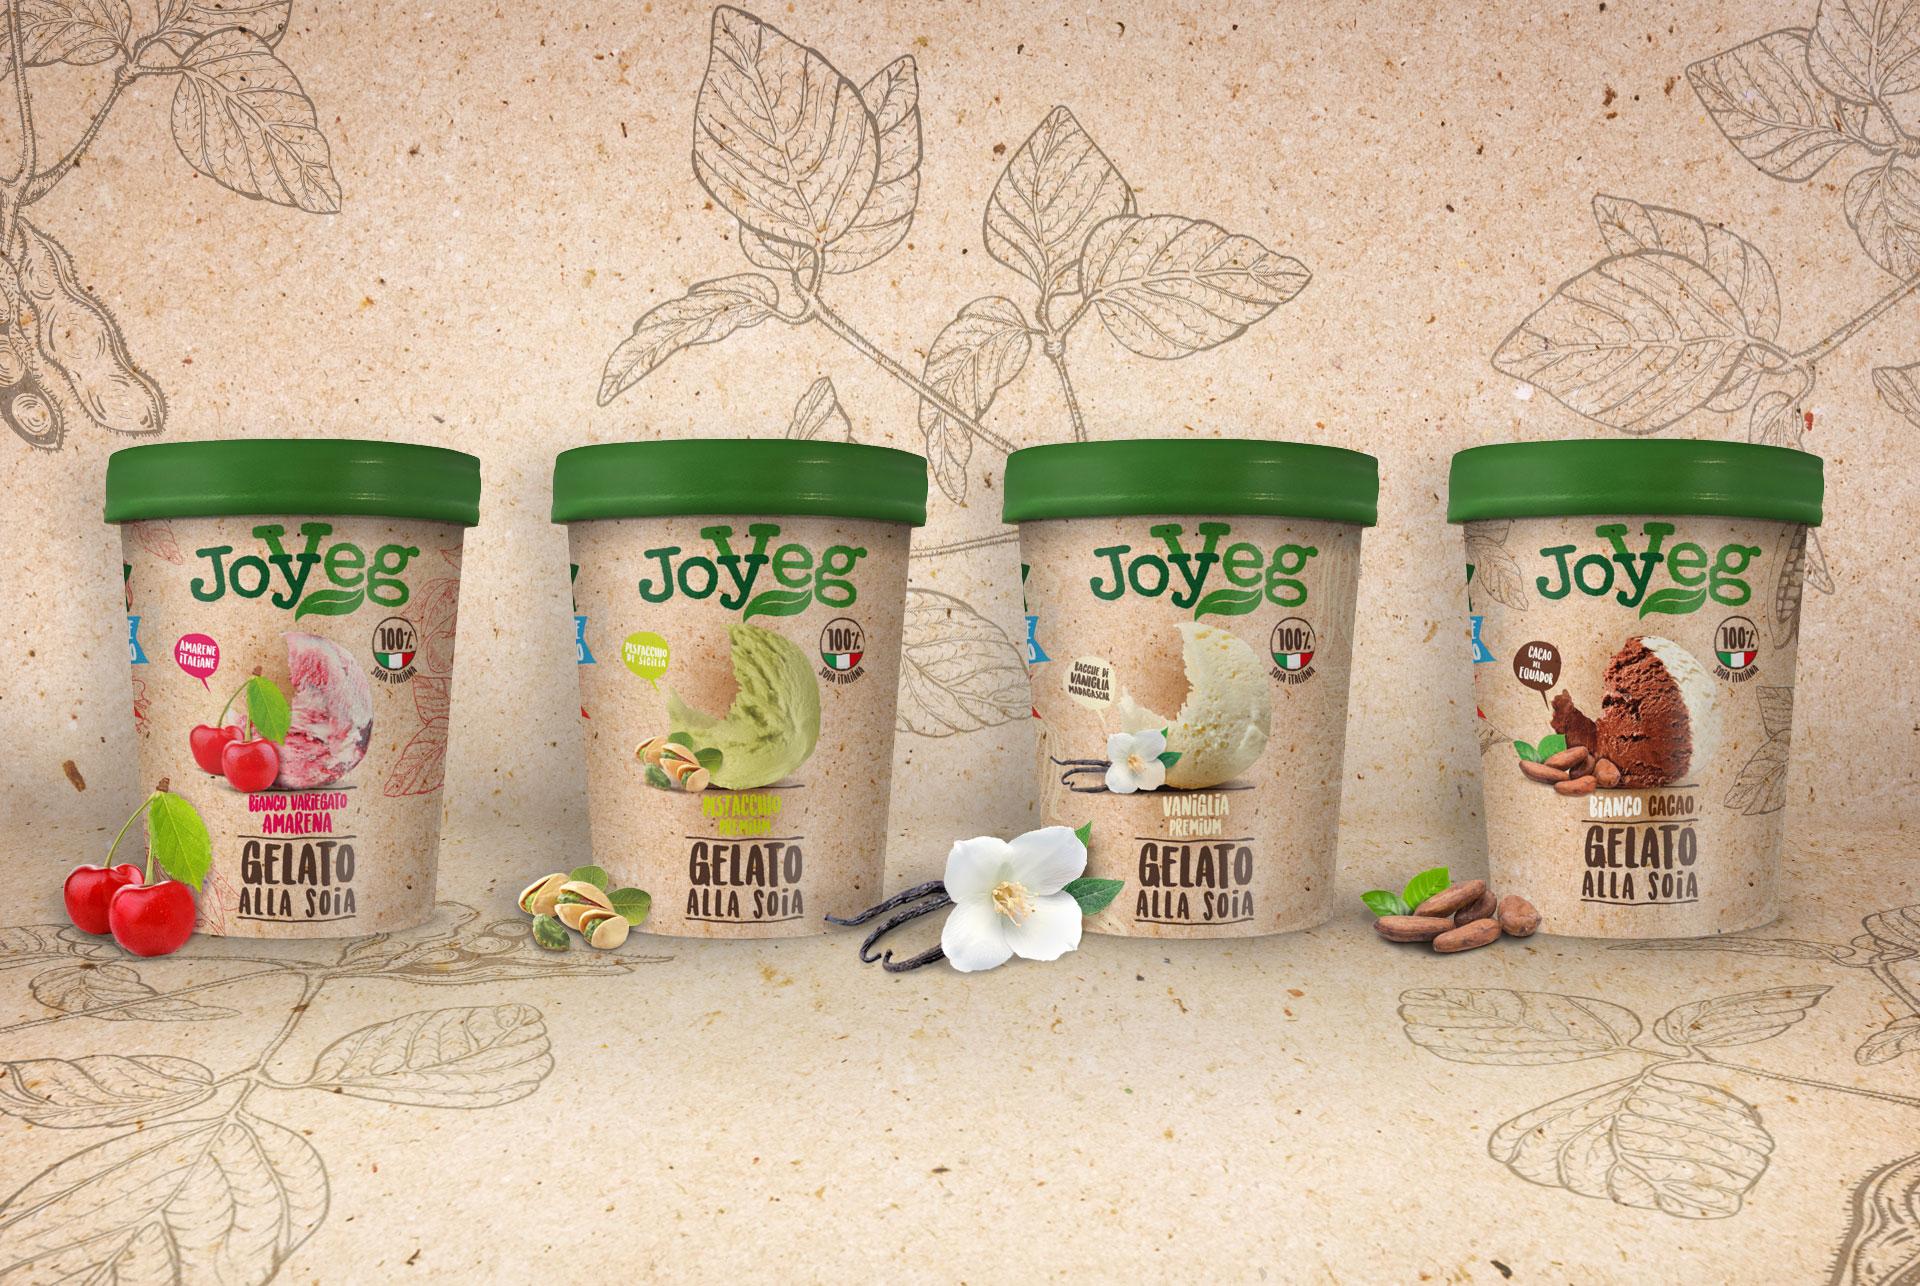 immagine per il packaging gelati Joyveg a base di soia